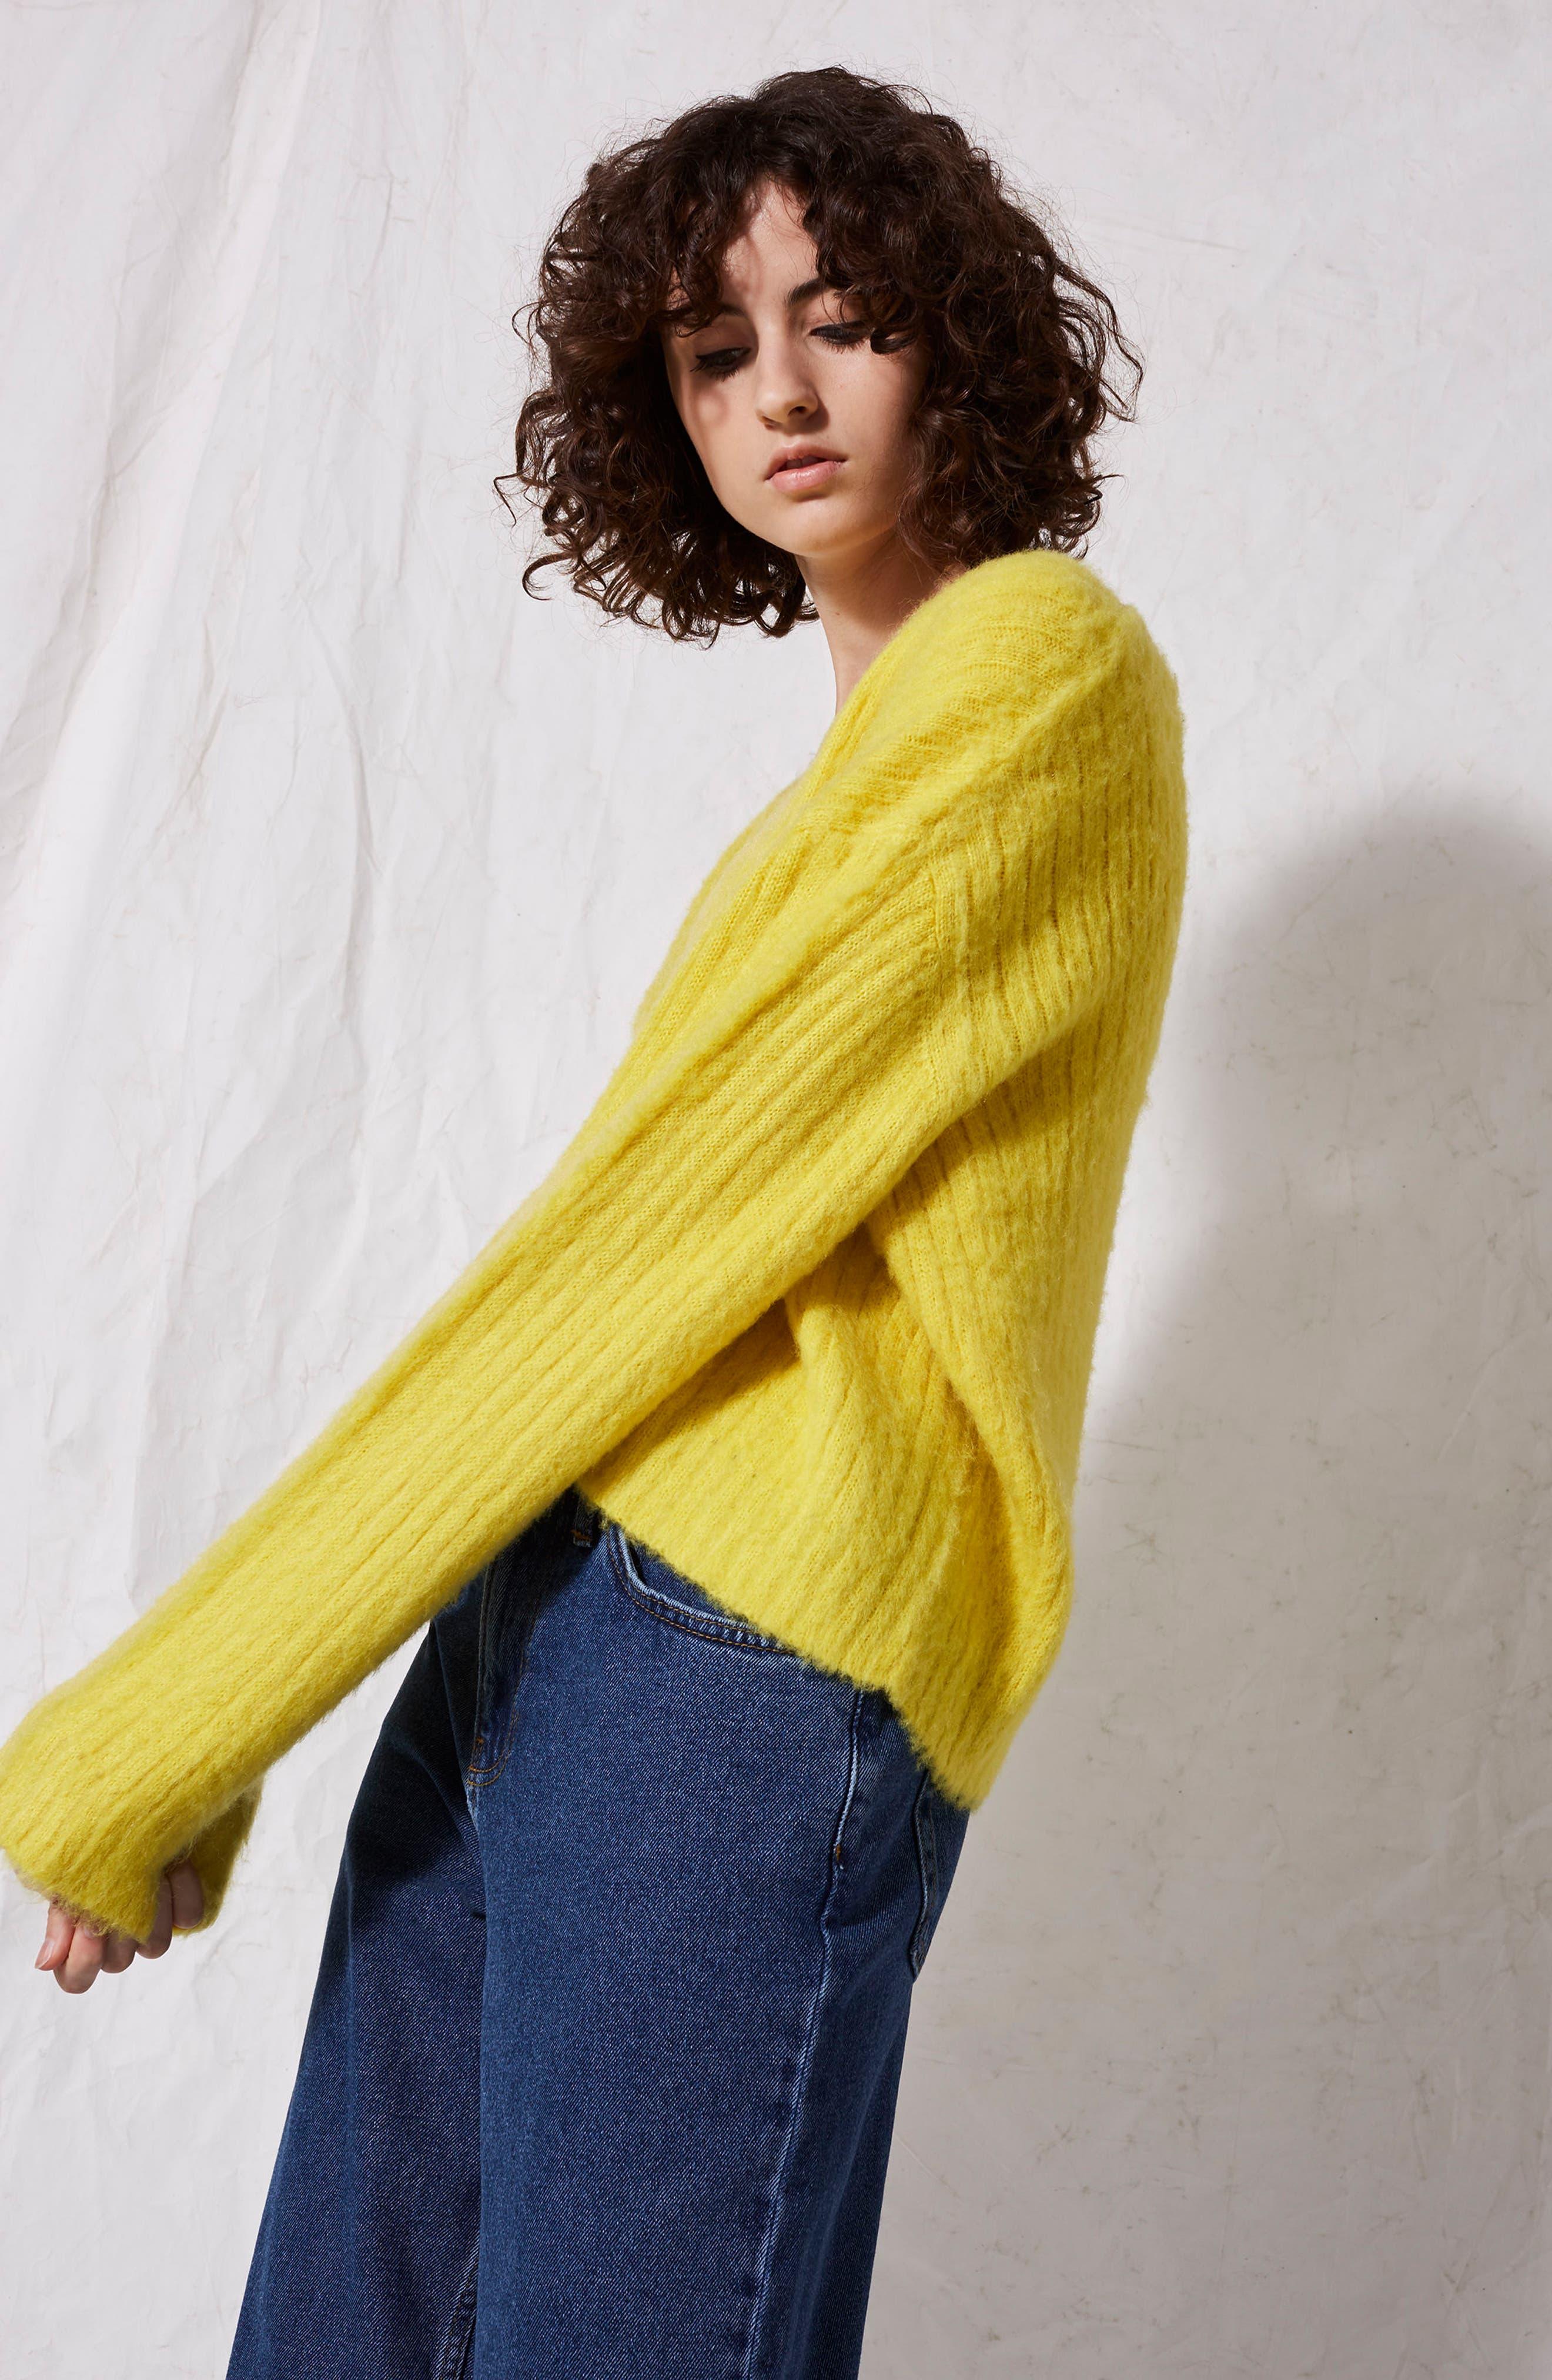 V-Neck Rib Sweater,                             Alternate thumbnail 12, color,                             700